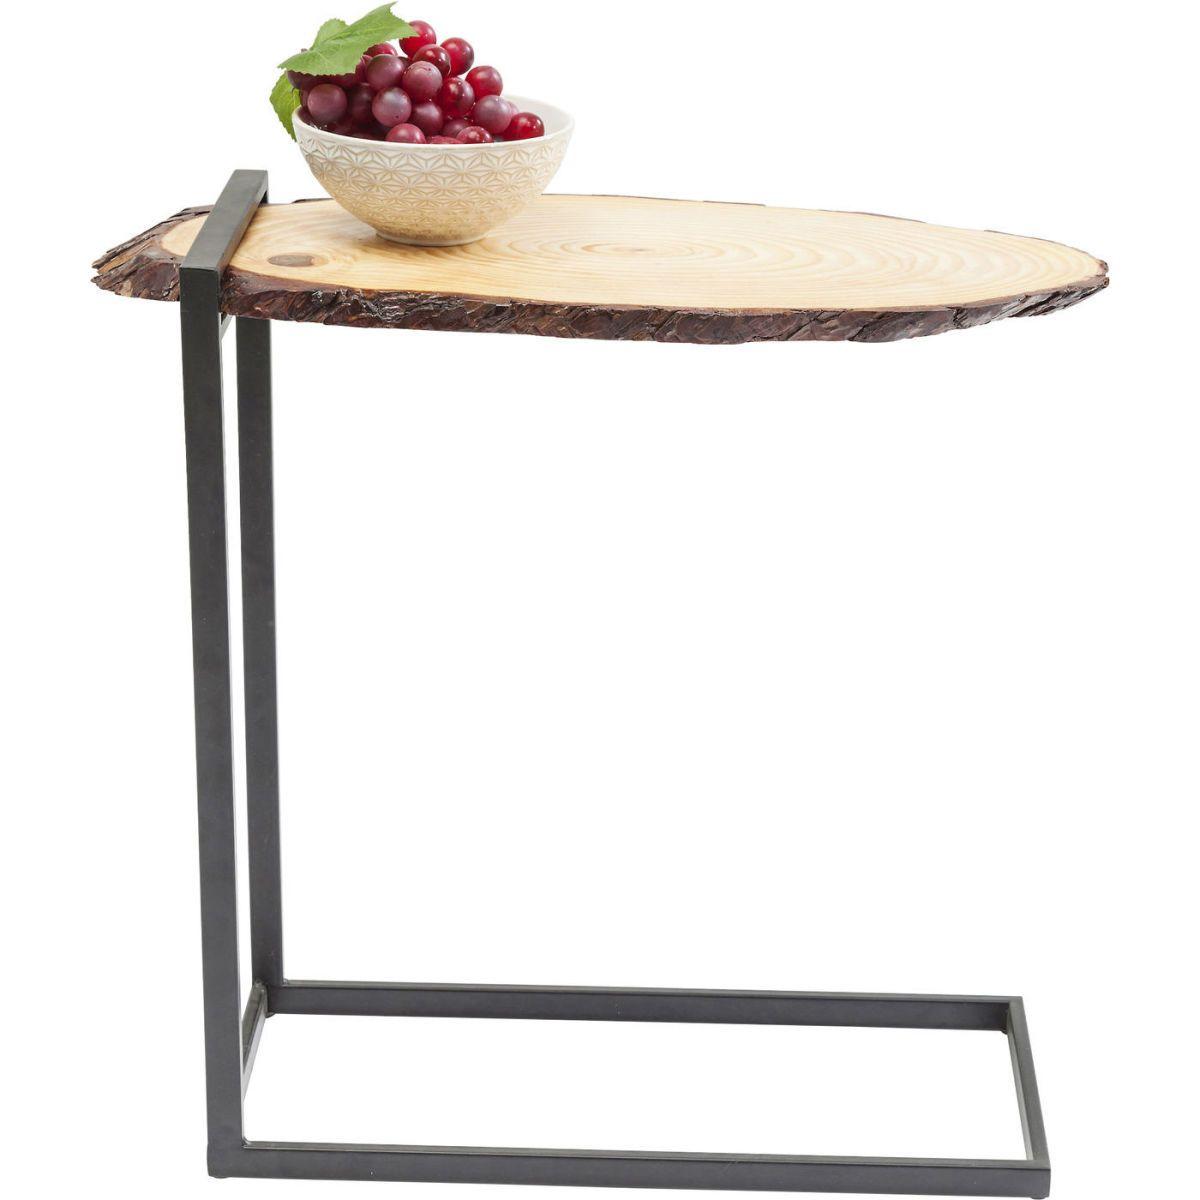 Beistelltisch Merende Jetzt Bestellen Unter Https Moebel Ladendirekt De Wohnzimmer Tische Beistelltische Uid 38338a4 Beistelltische Tisch Couchtisch Modern